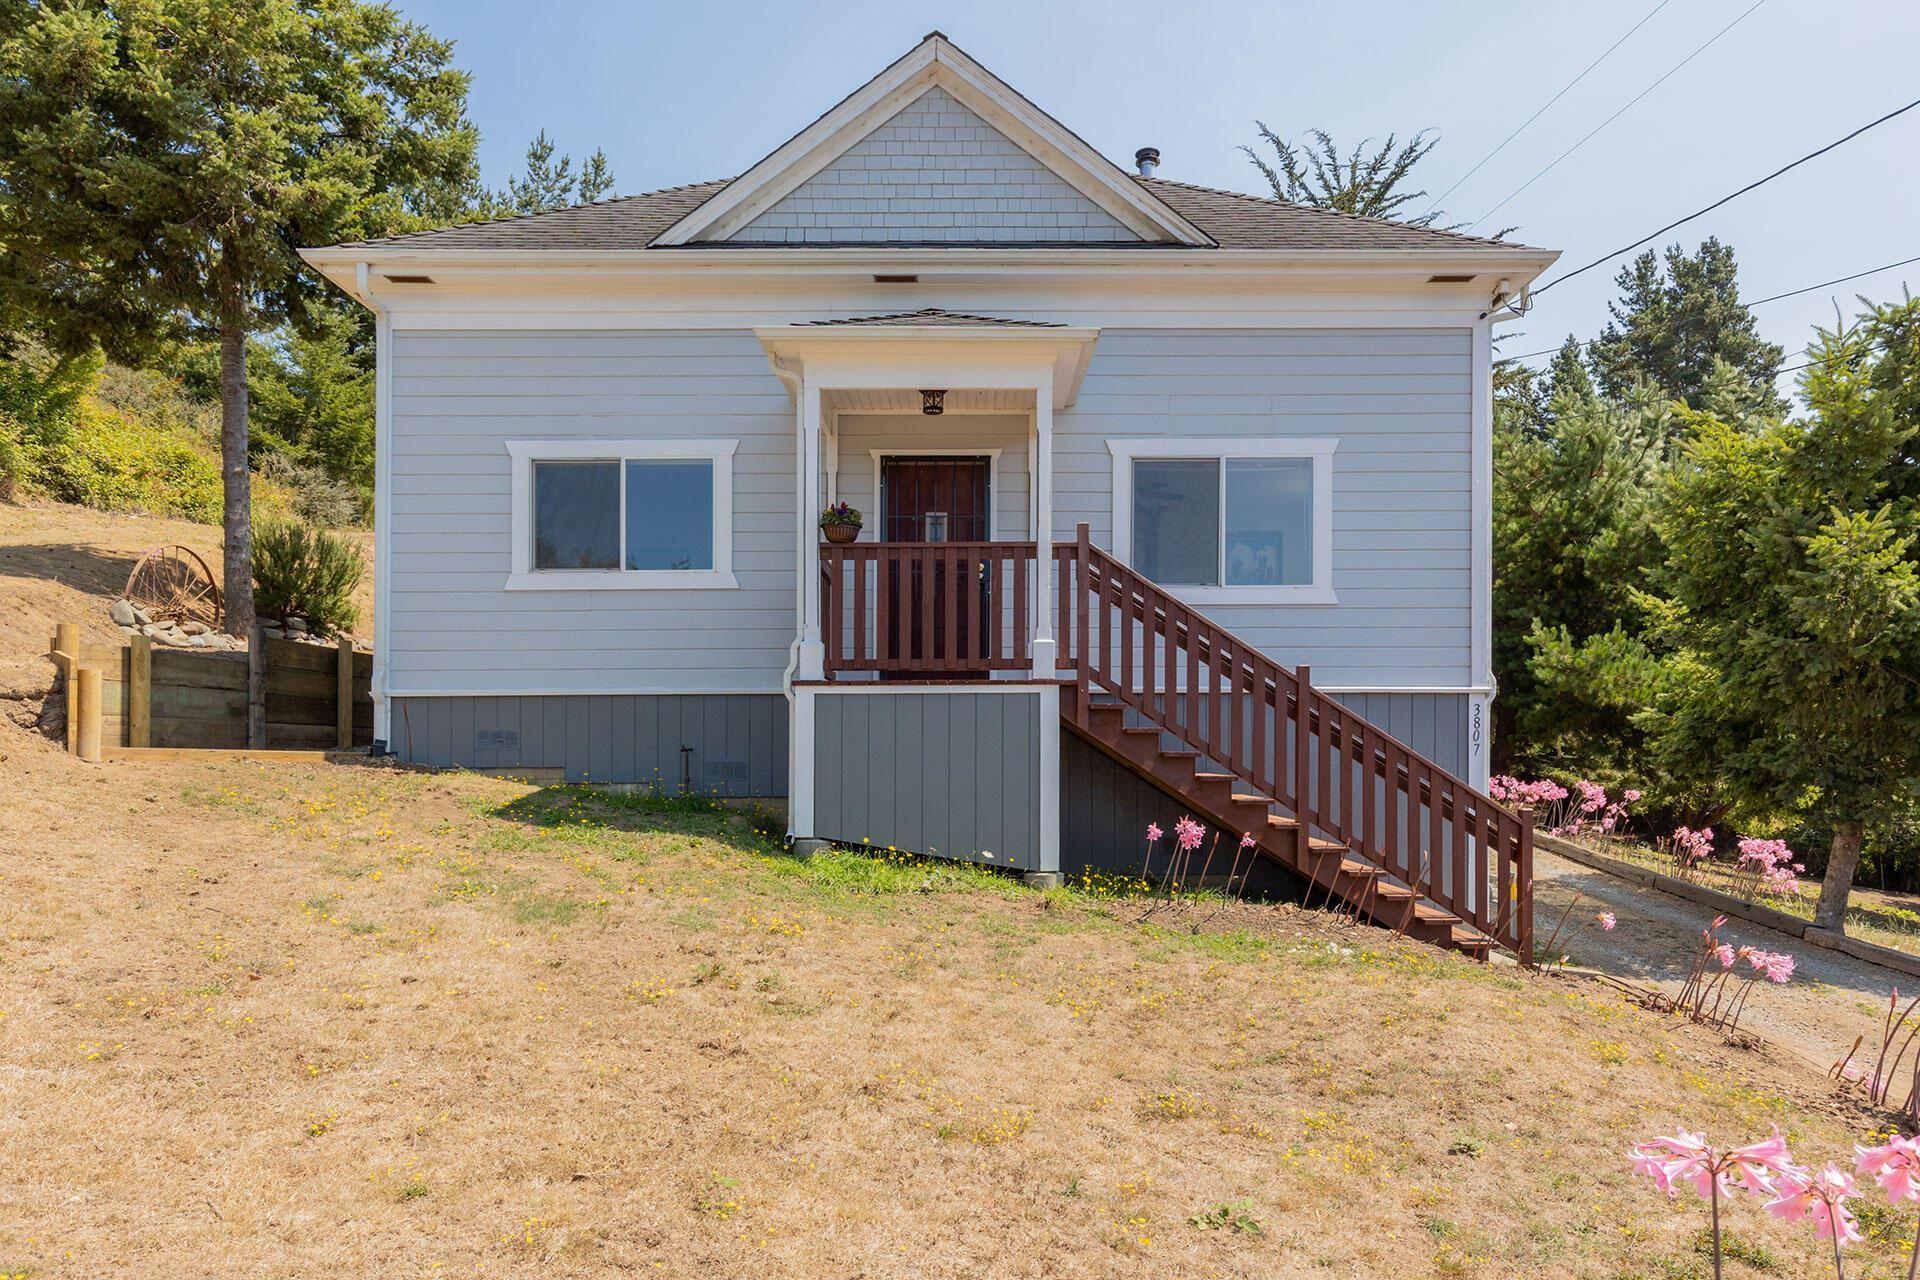 3807 First Street, Fortuna, CA 95540 - MLS#: 259931